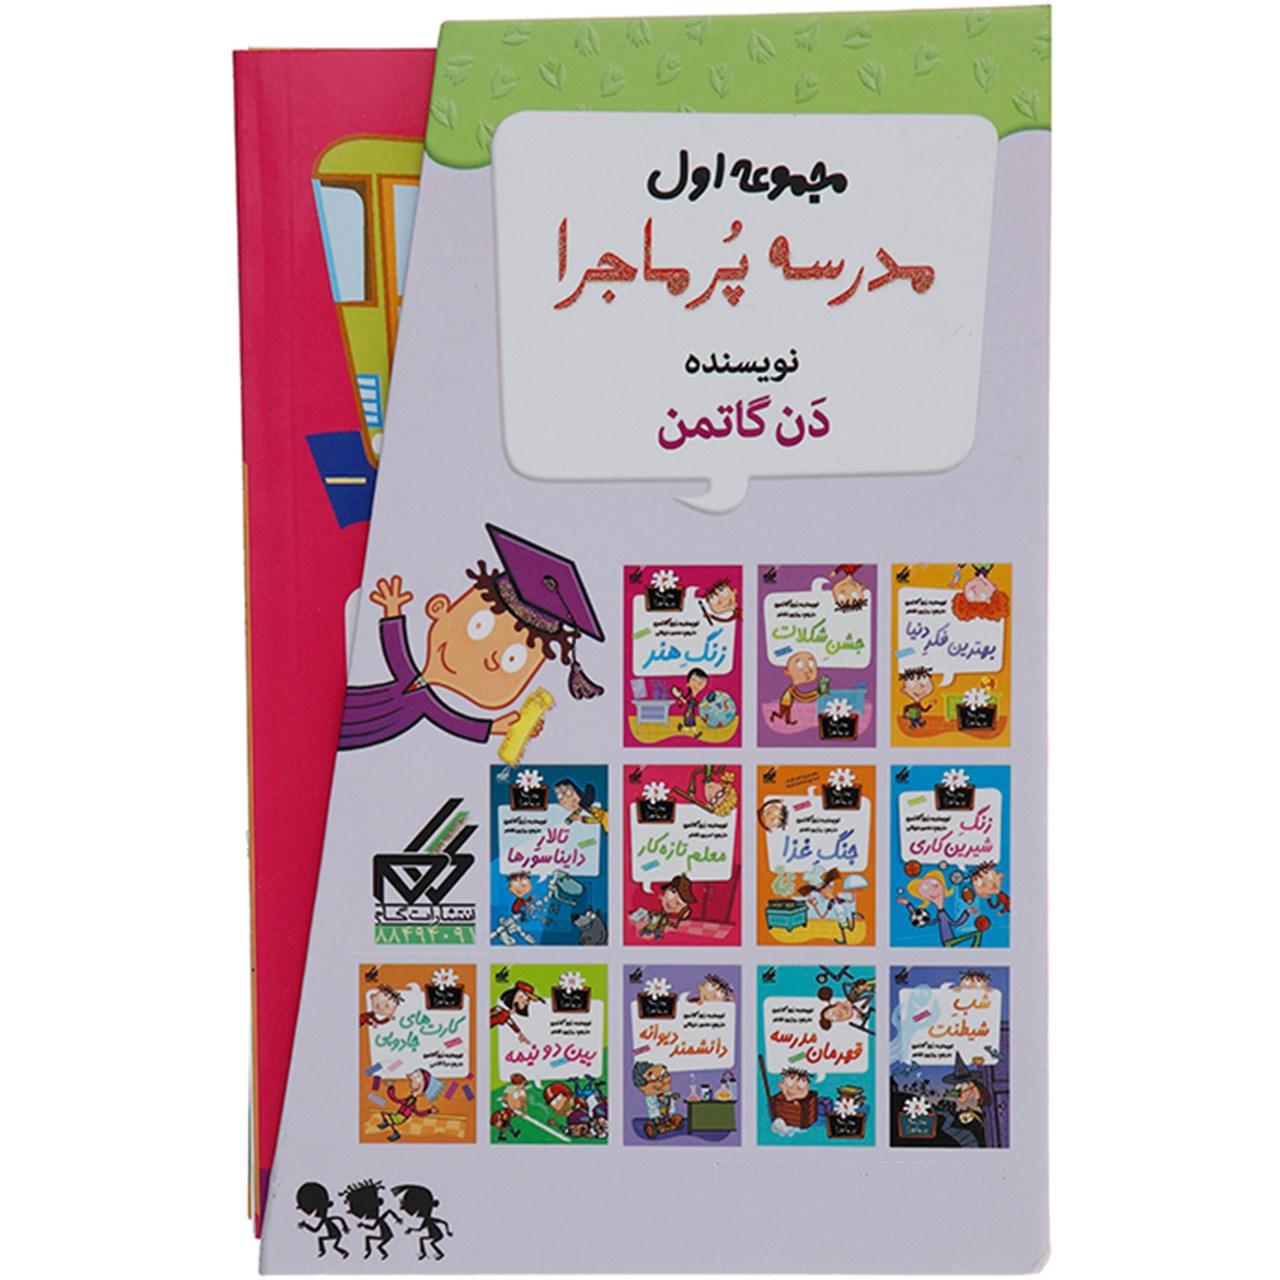 خرید                      کتاب مدرسه پرماجرا مجموعه اول اثر دن گاتمن - 12 جلدی